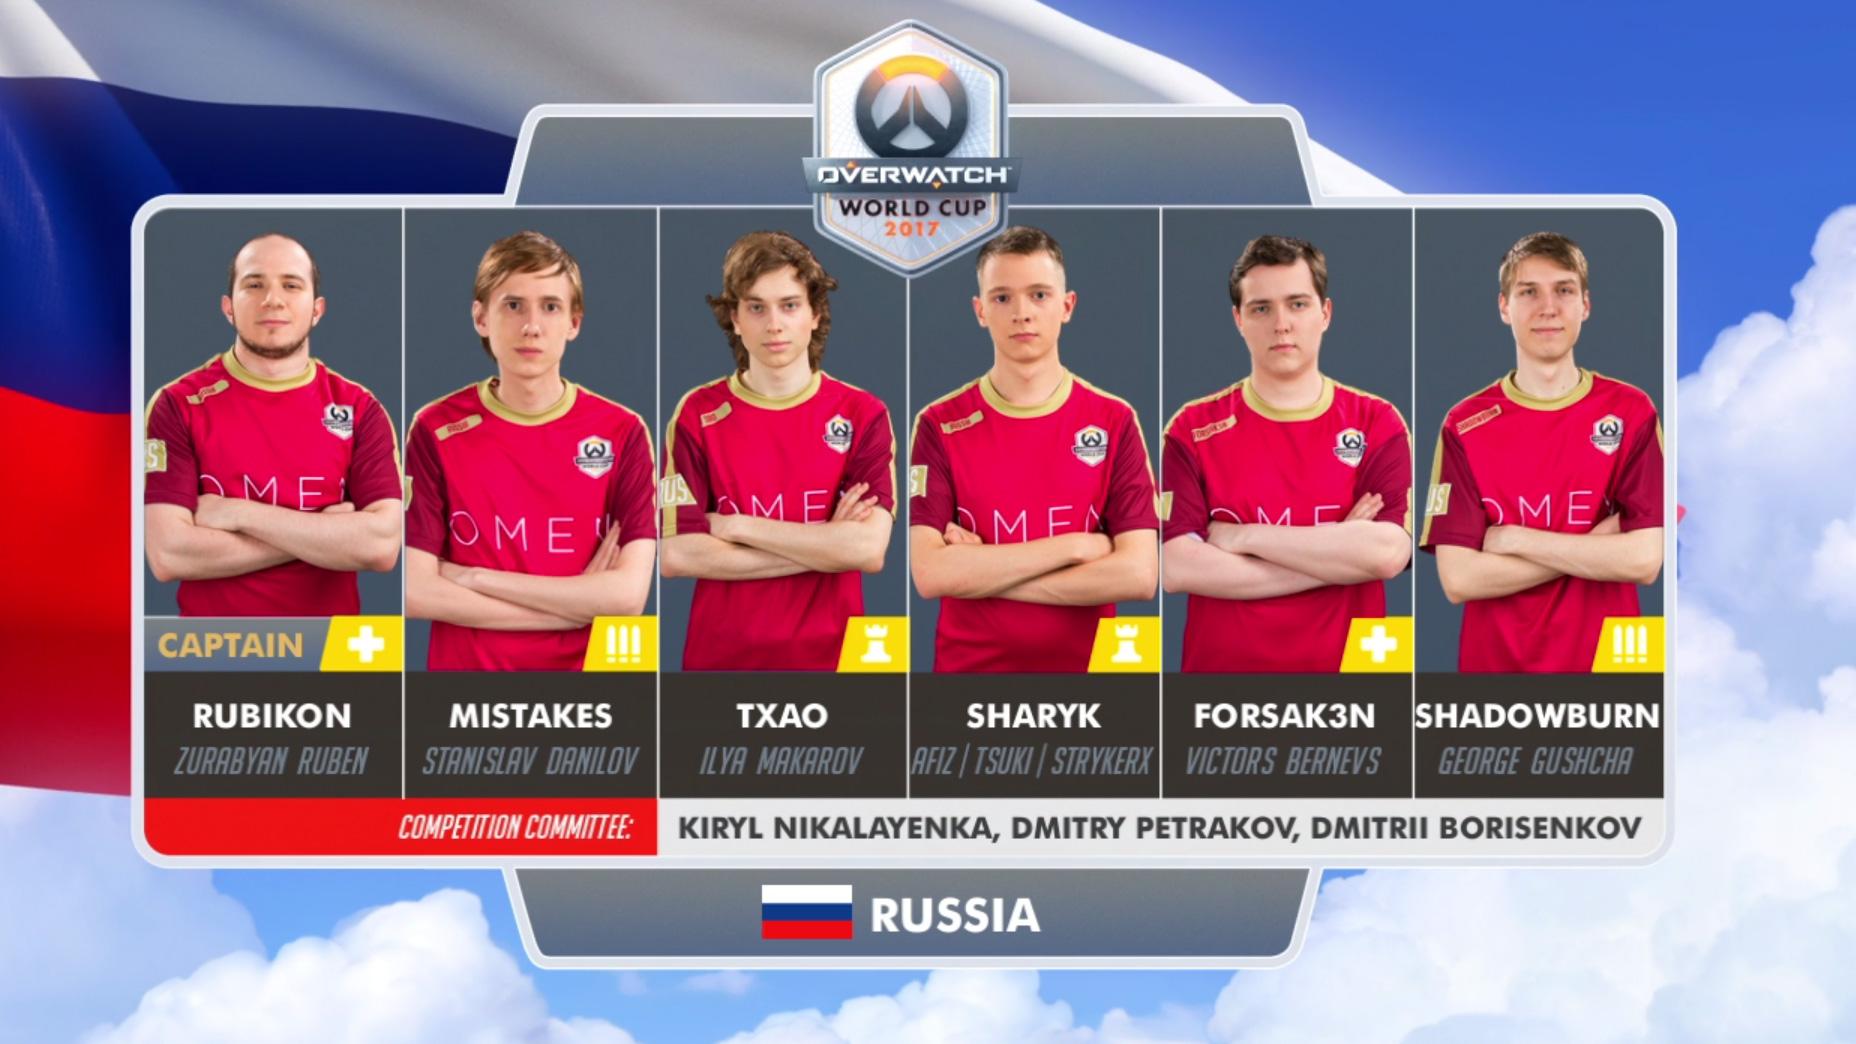 Lịch thi đấu Overwatch World Cup 2017: Bảng E và F 6